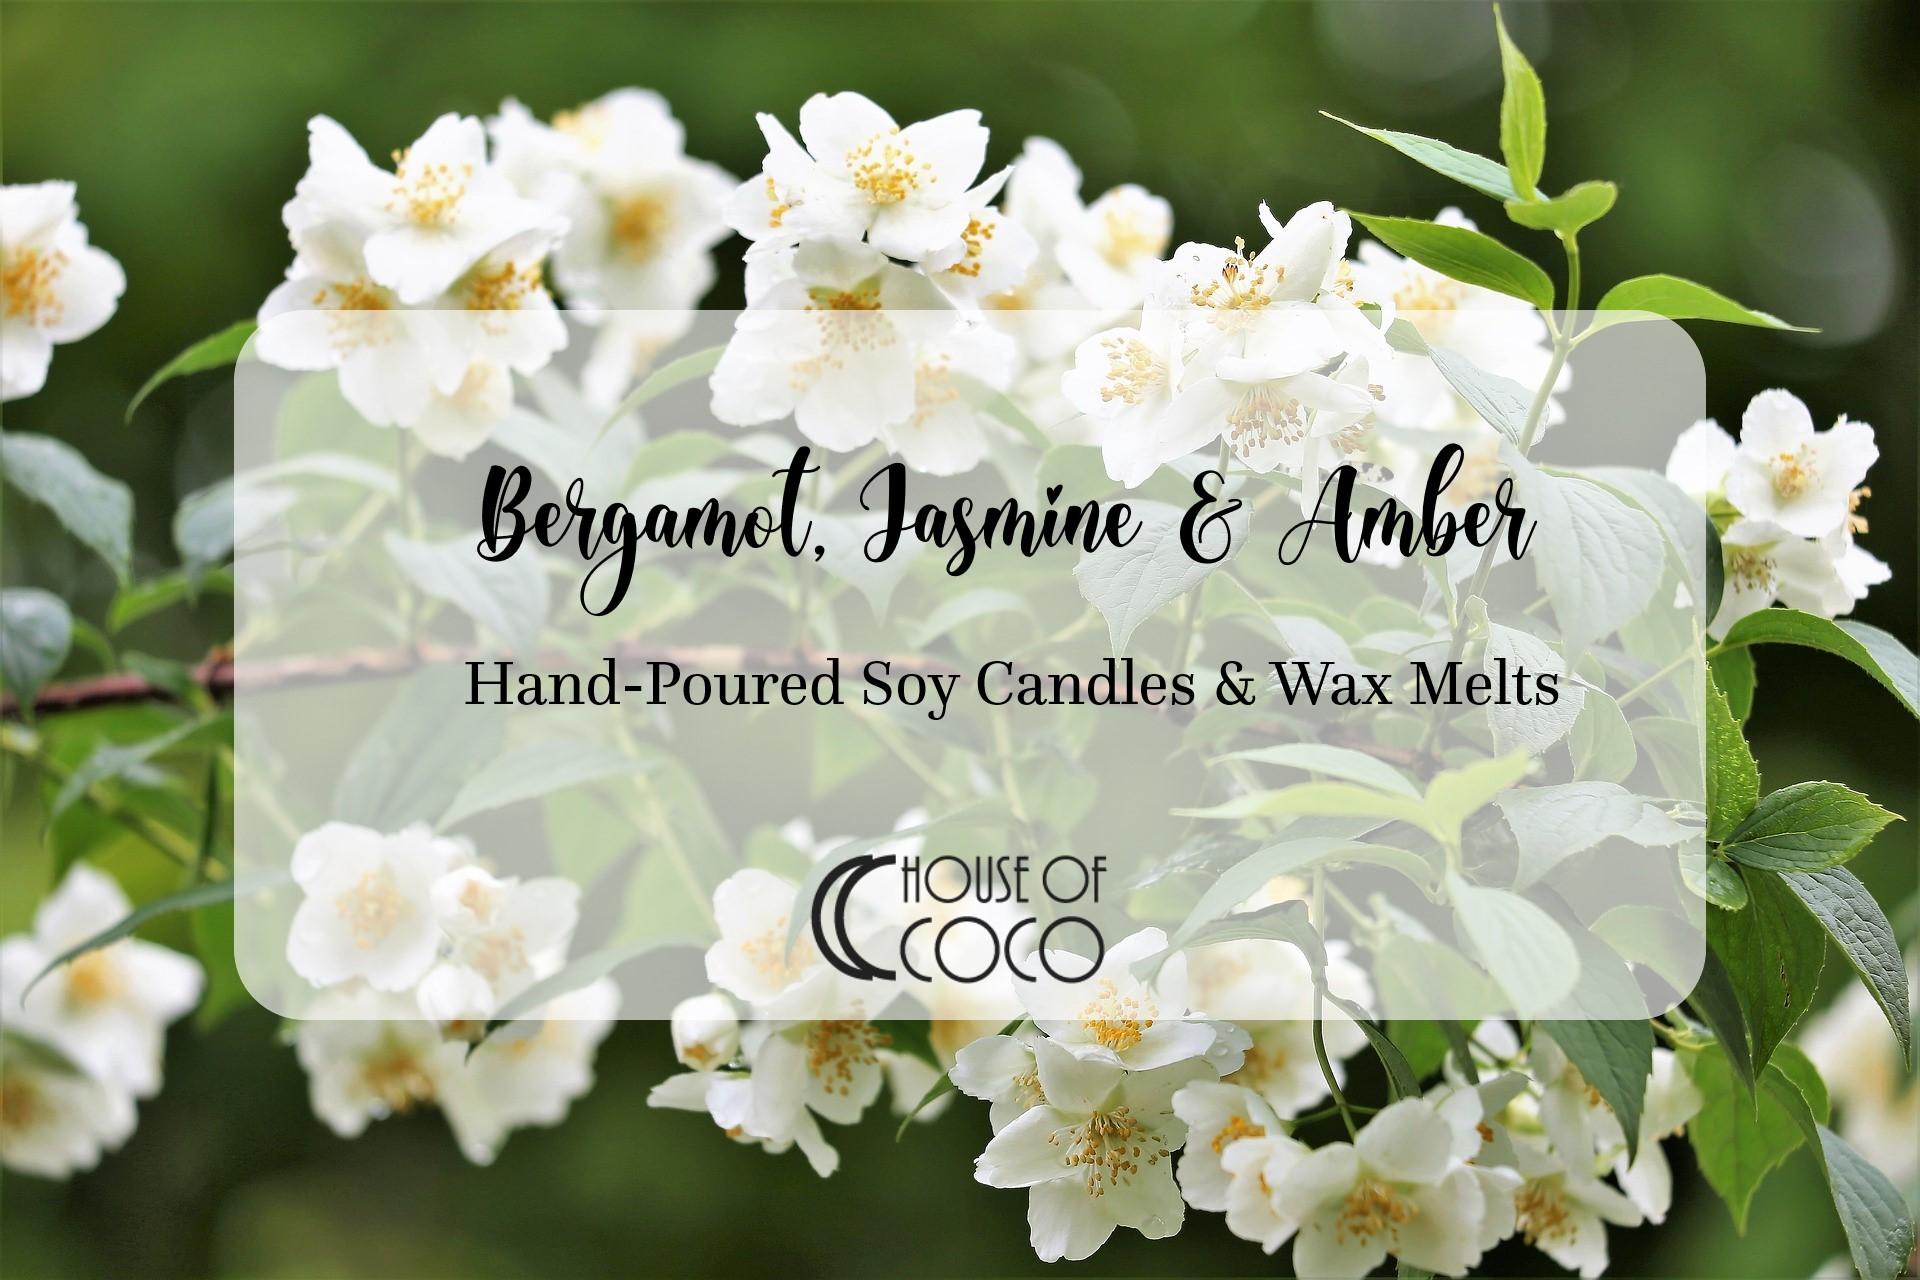 Bergamot, Jasmine & Amber Scent